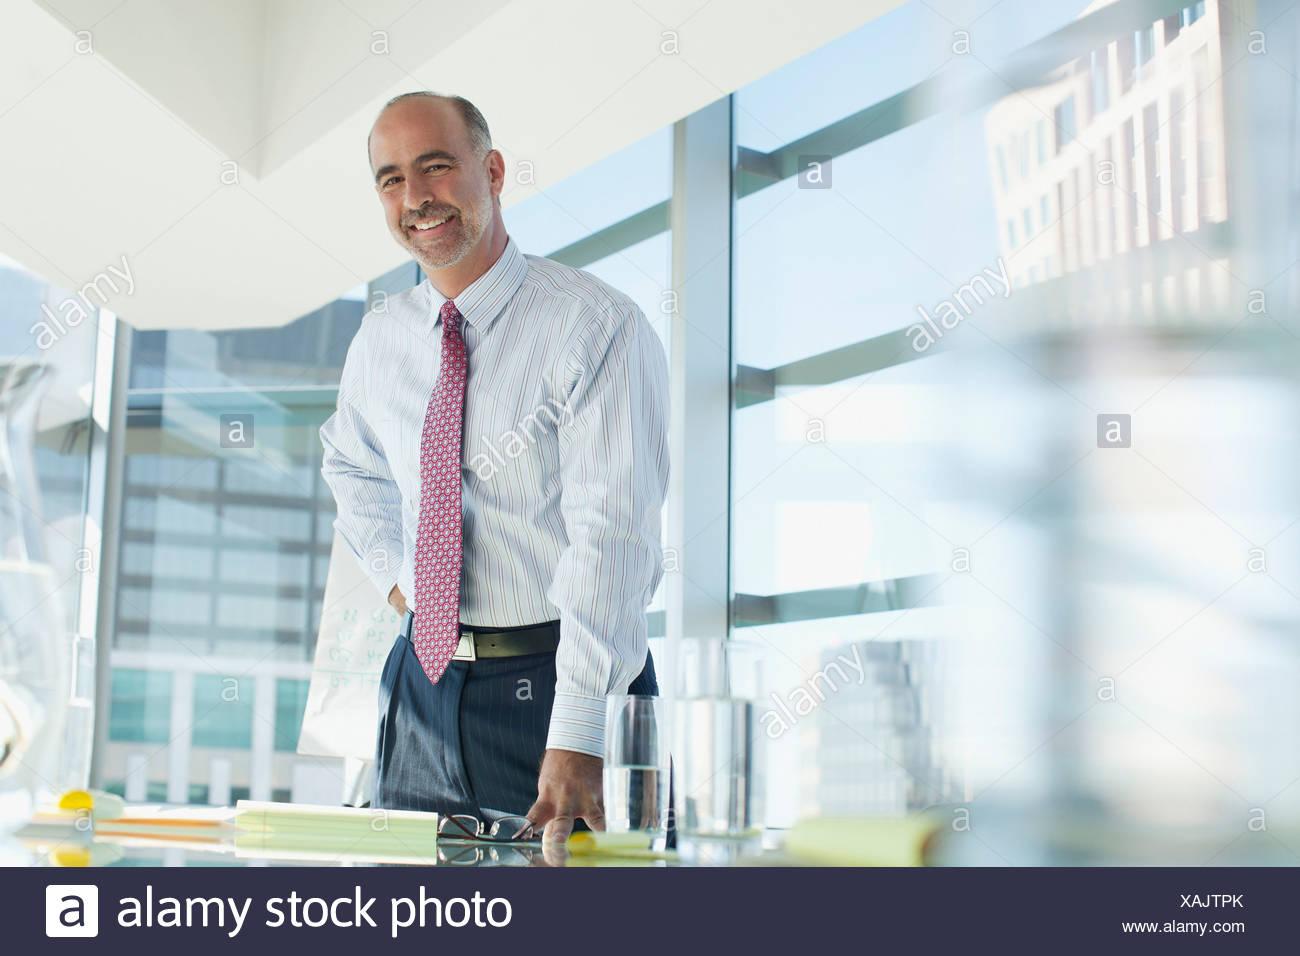 50-54 anni,ambizione,bald,azienda,abbigliamento business,imprenditore,california,immagine a colori,sala conferenze,fiducia,copia Immagini Stock